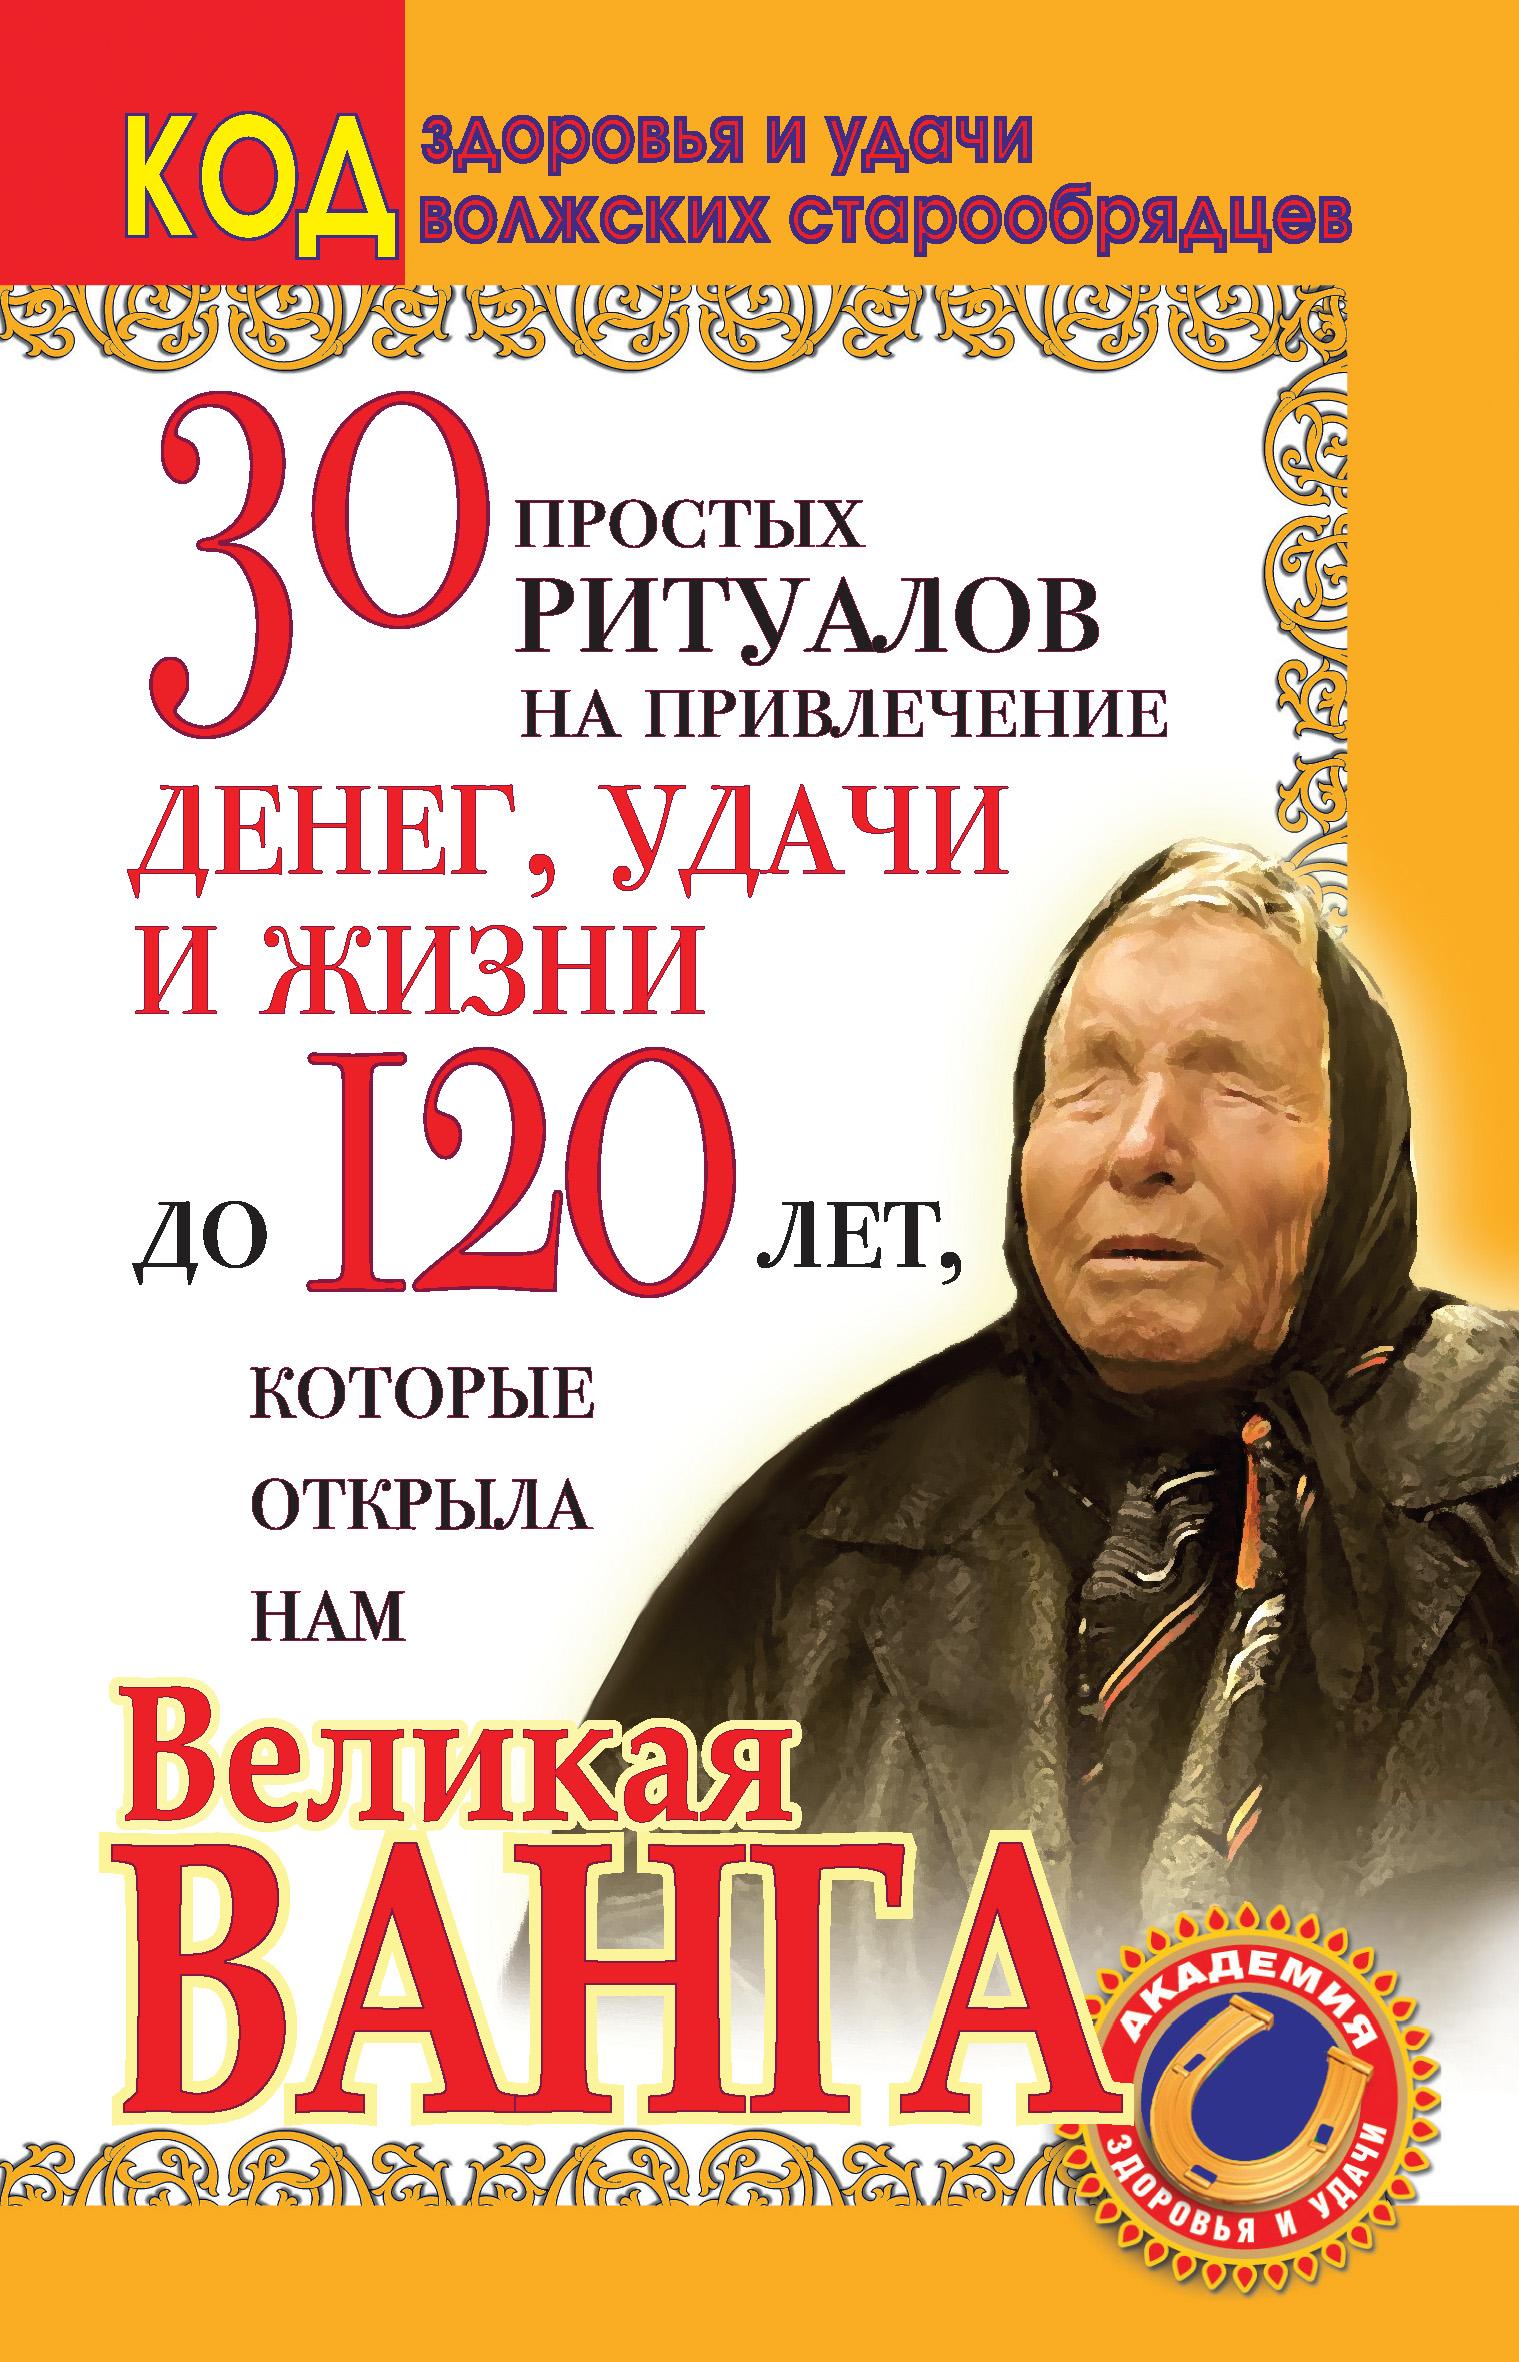 цены Светлана Панкратова 30 простых ритуалов на привлечение денег, удачи и жизни до 120 лет, которые открыла нам Великая Ванга. Код здоровья и удачи волжских старообрядцев